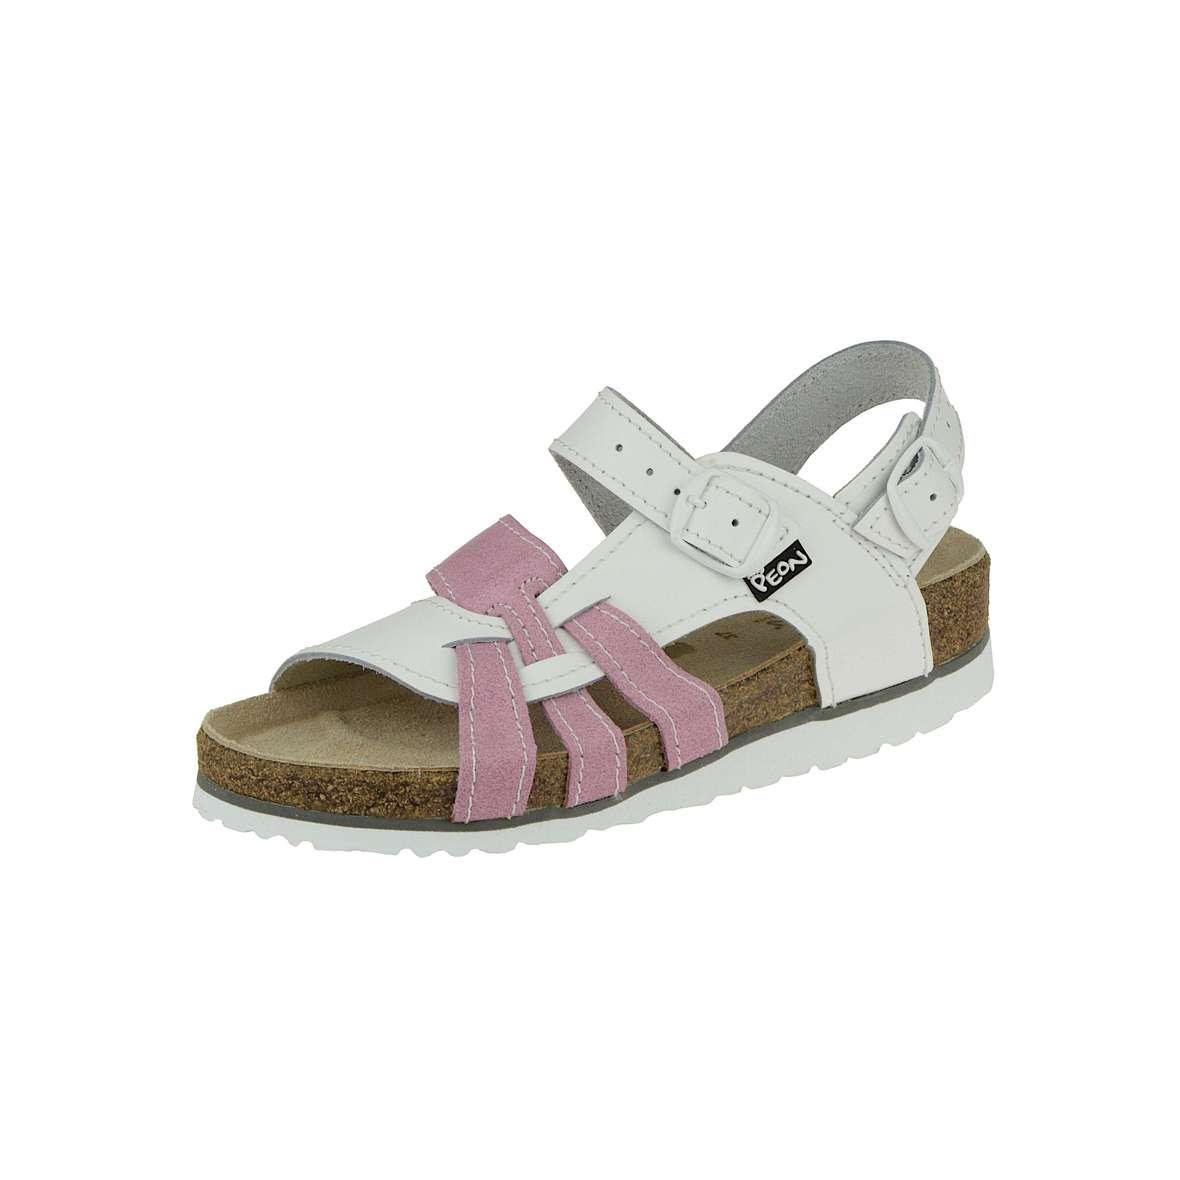 Pracovní a přezůvková obuv - Sandálky